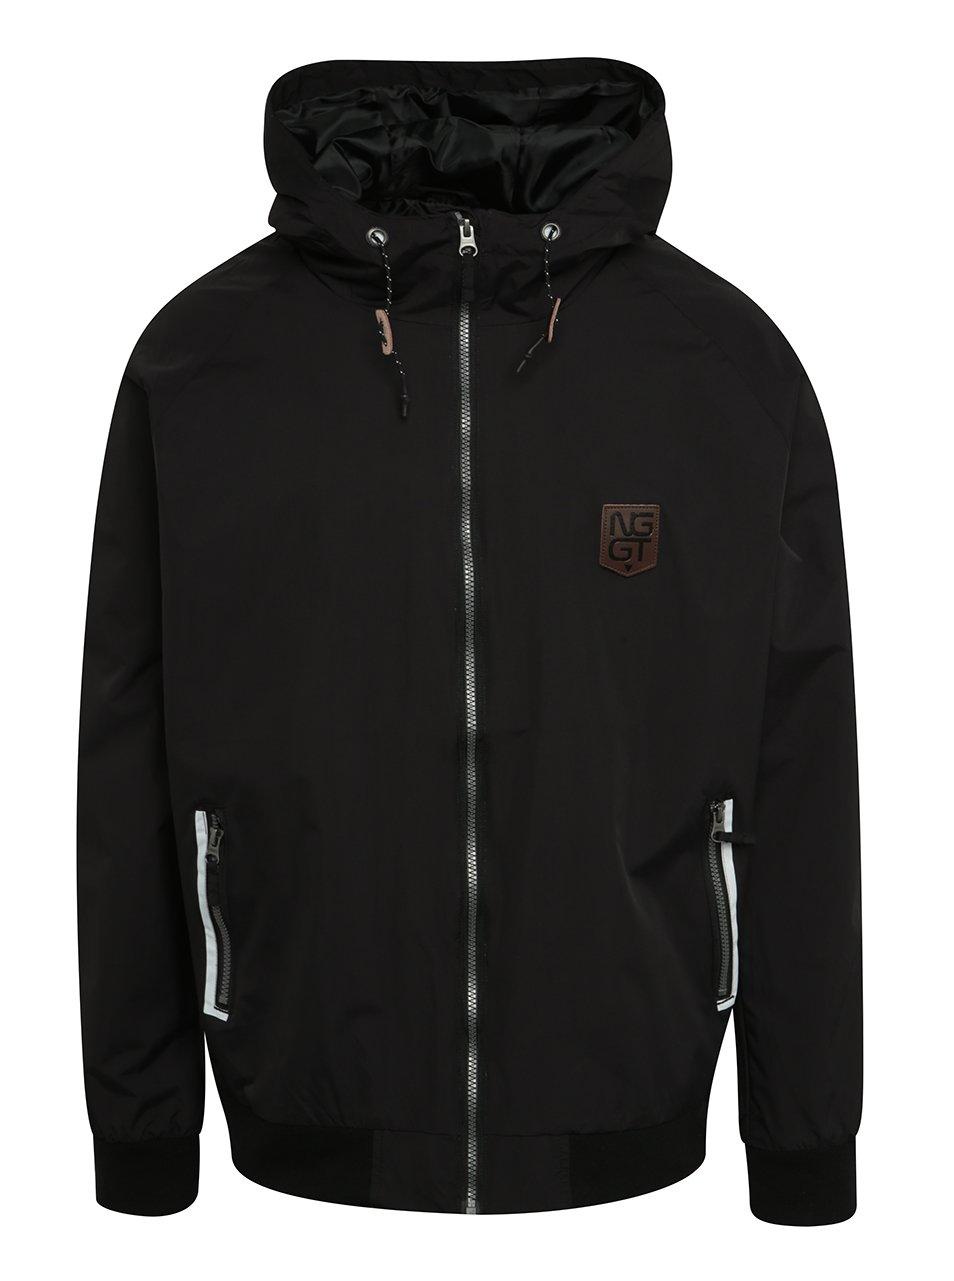 Černá pánská lehká bunda s kapucí NUGGET Deploy